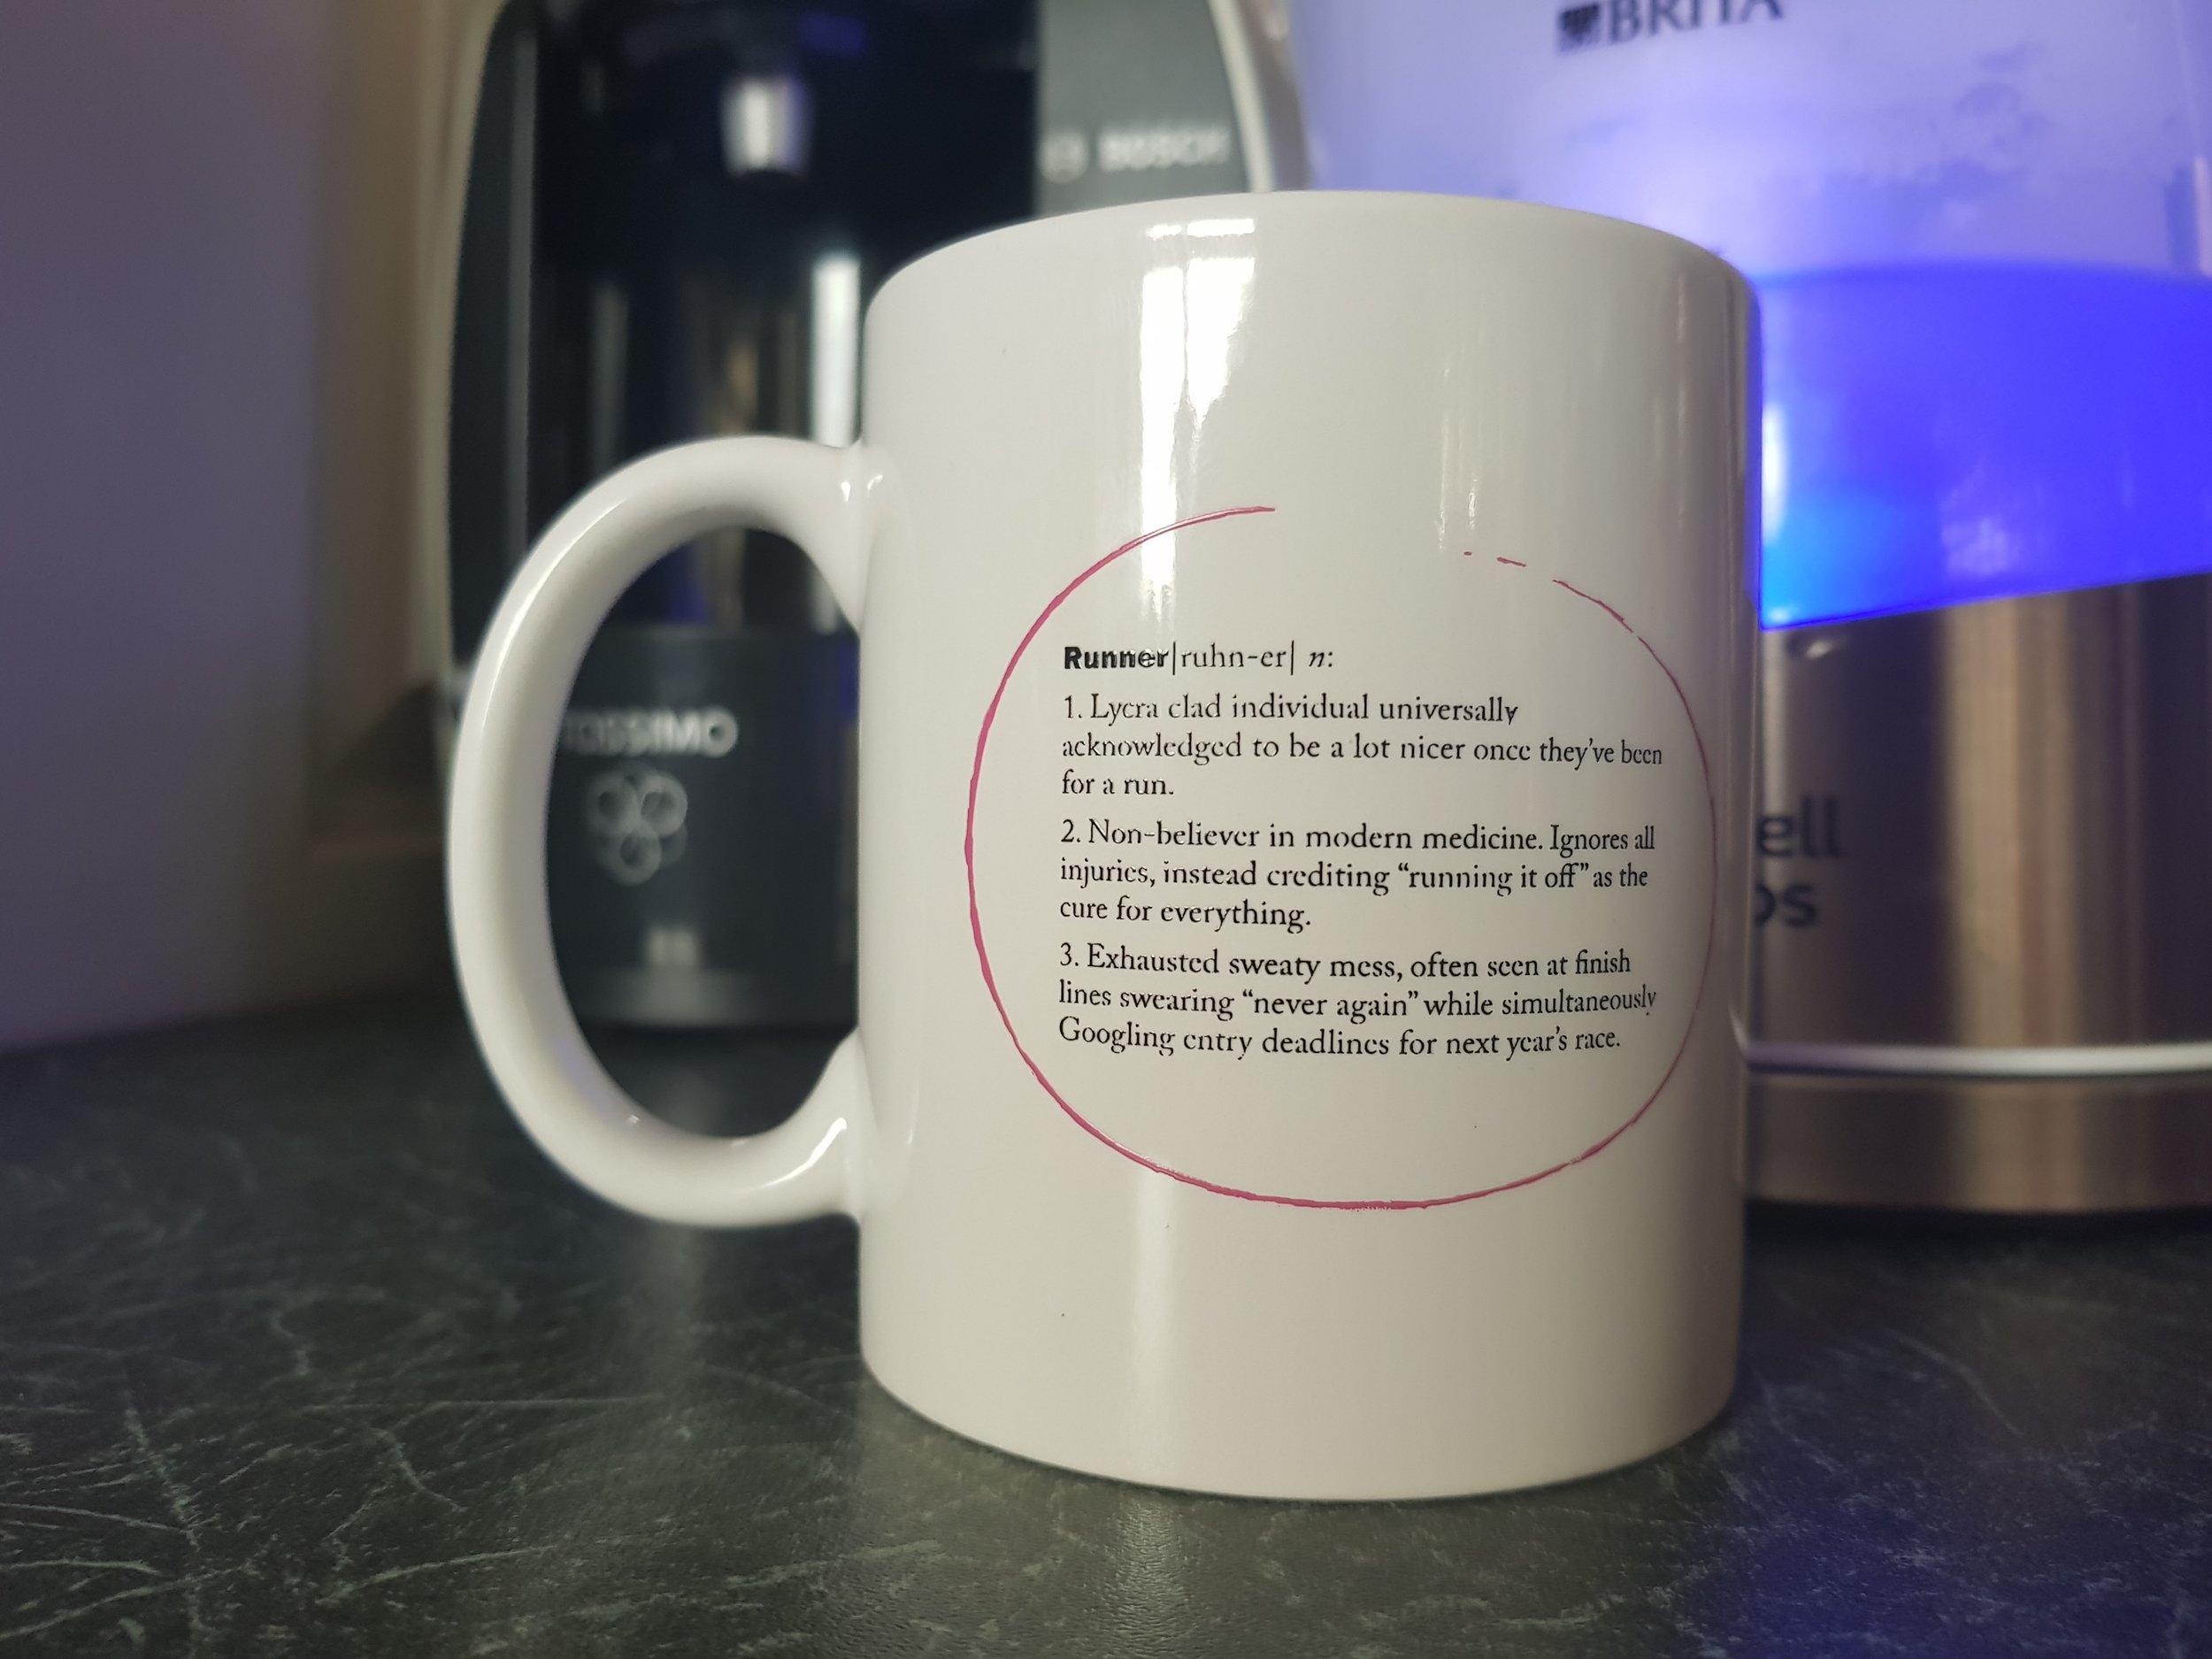 Runner mug from Running mate